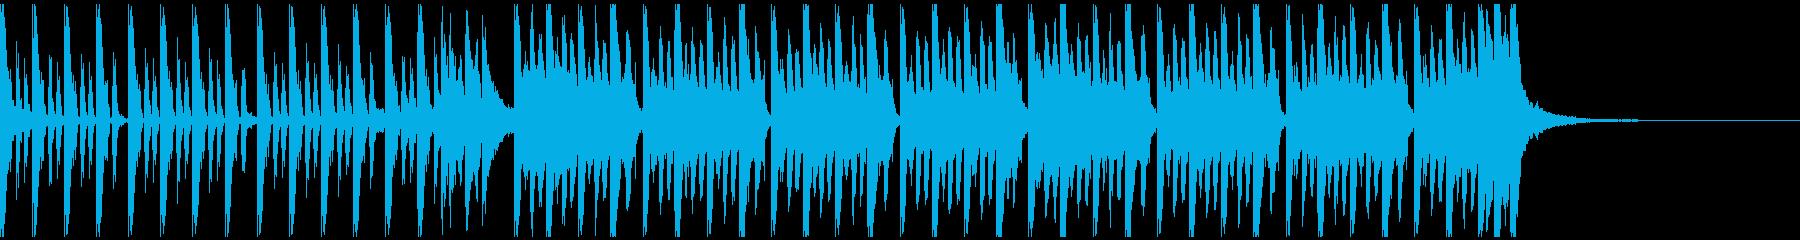 ドライブ(30秒)の再生済みの波形